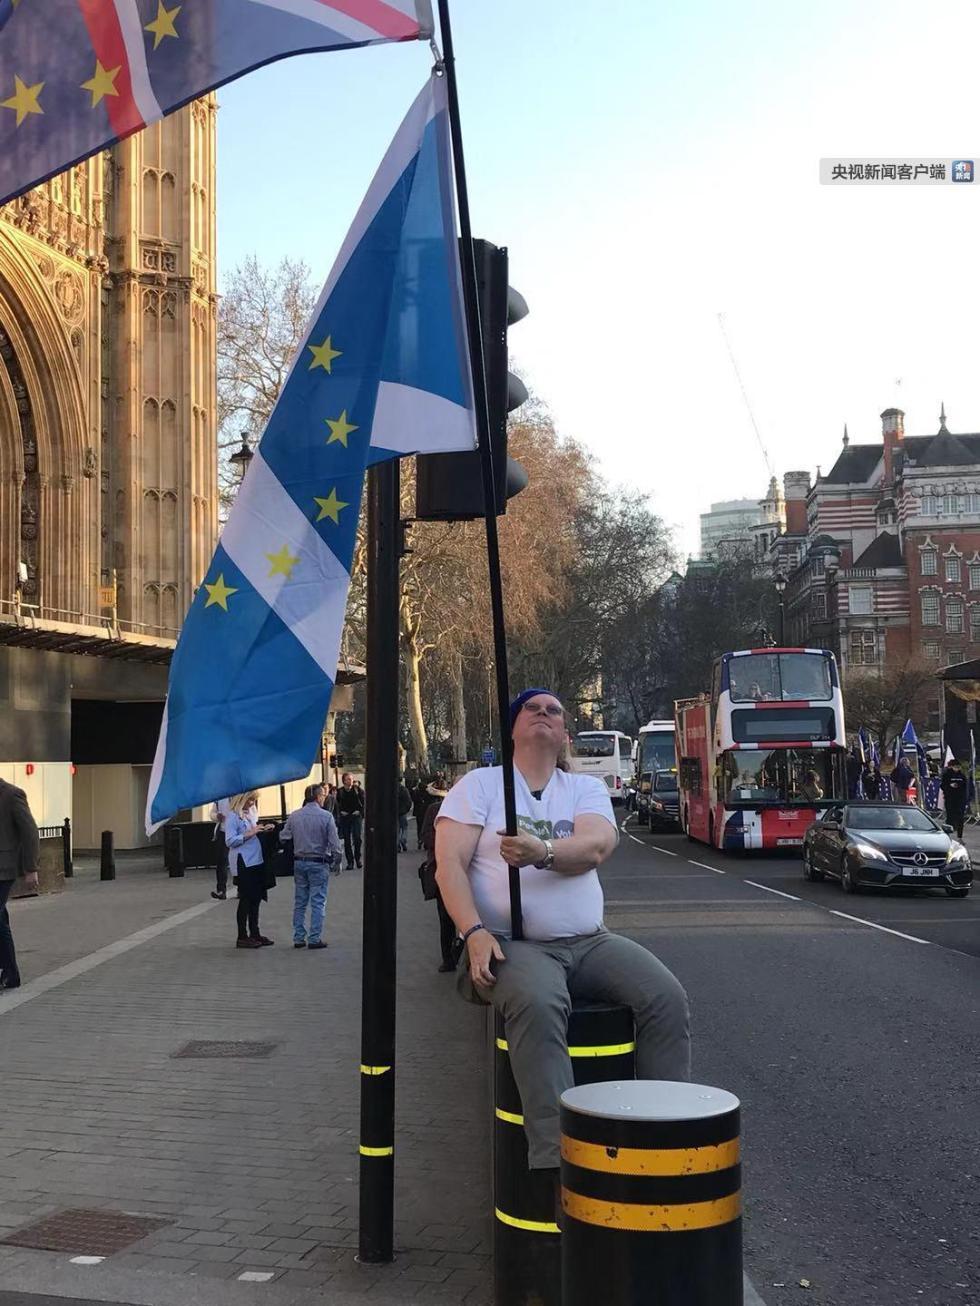 首相出狠招!英女王同意议会休会 英镑应声暴跌!